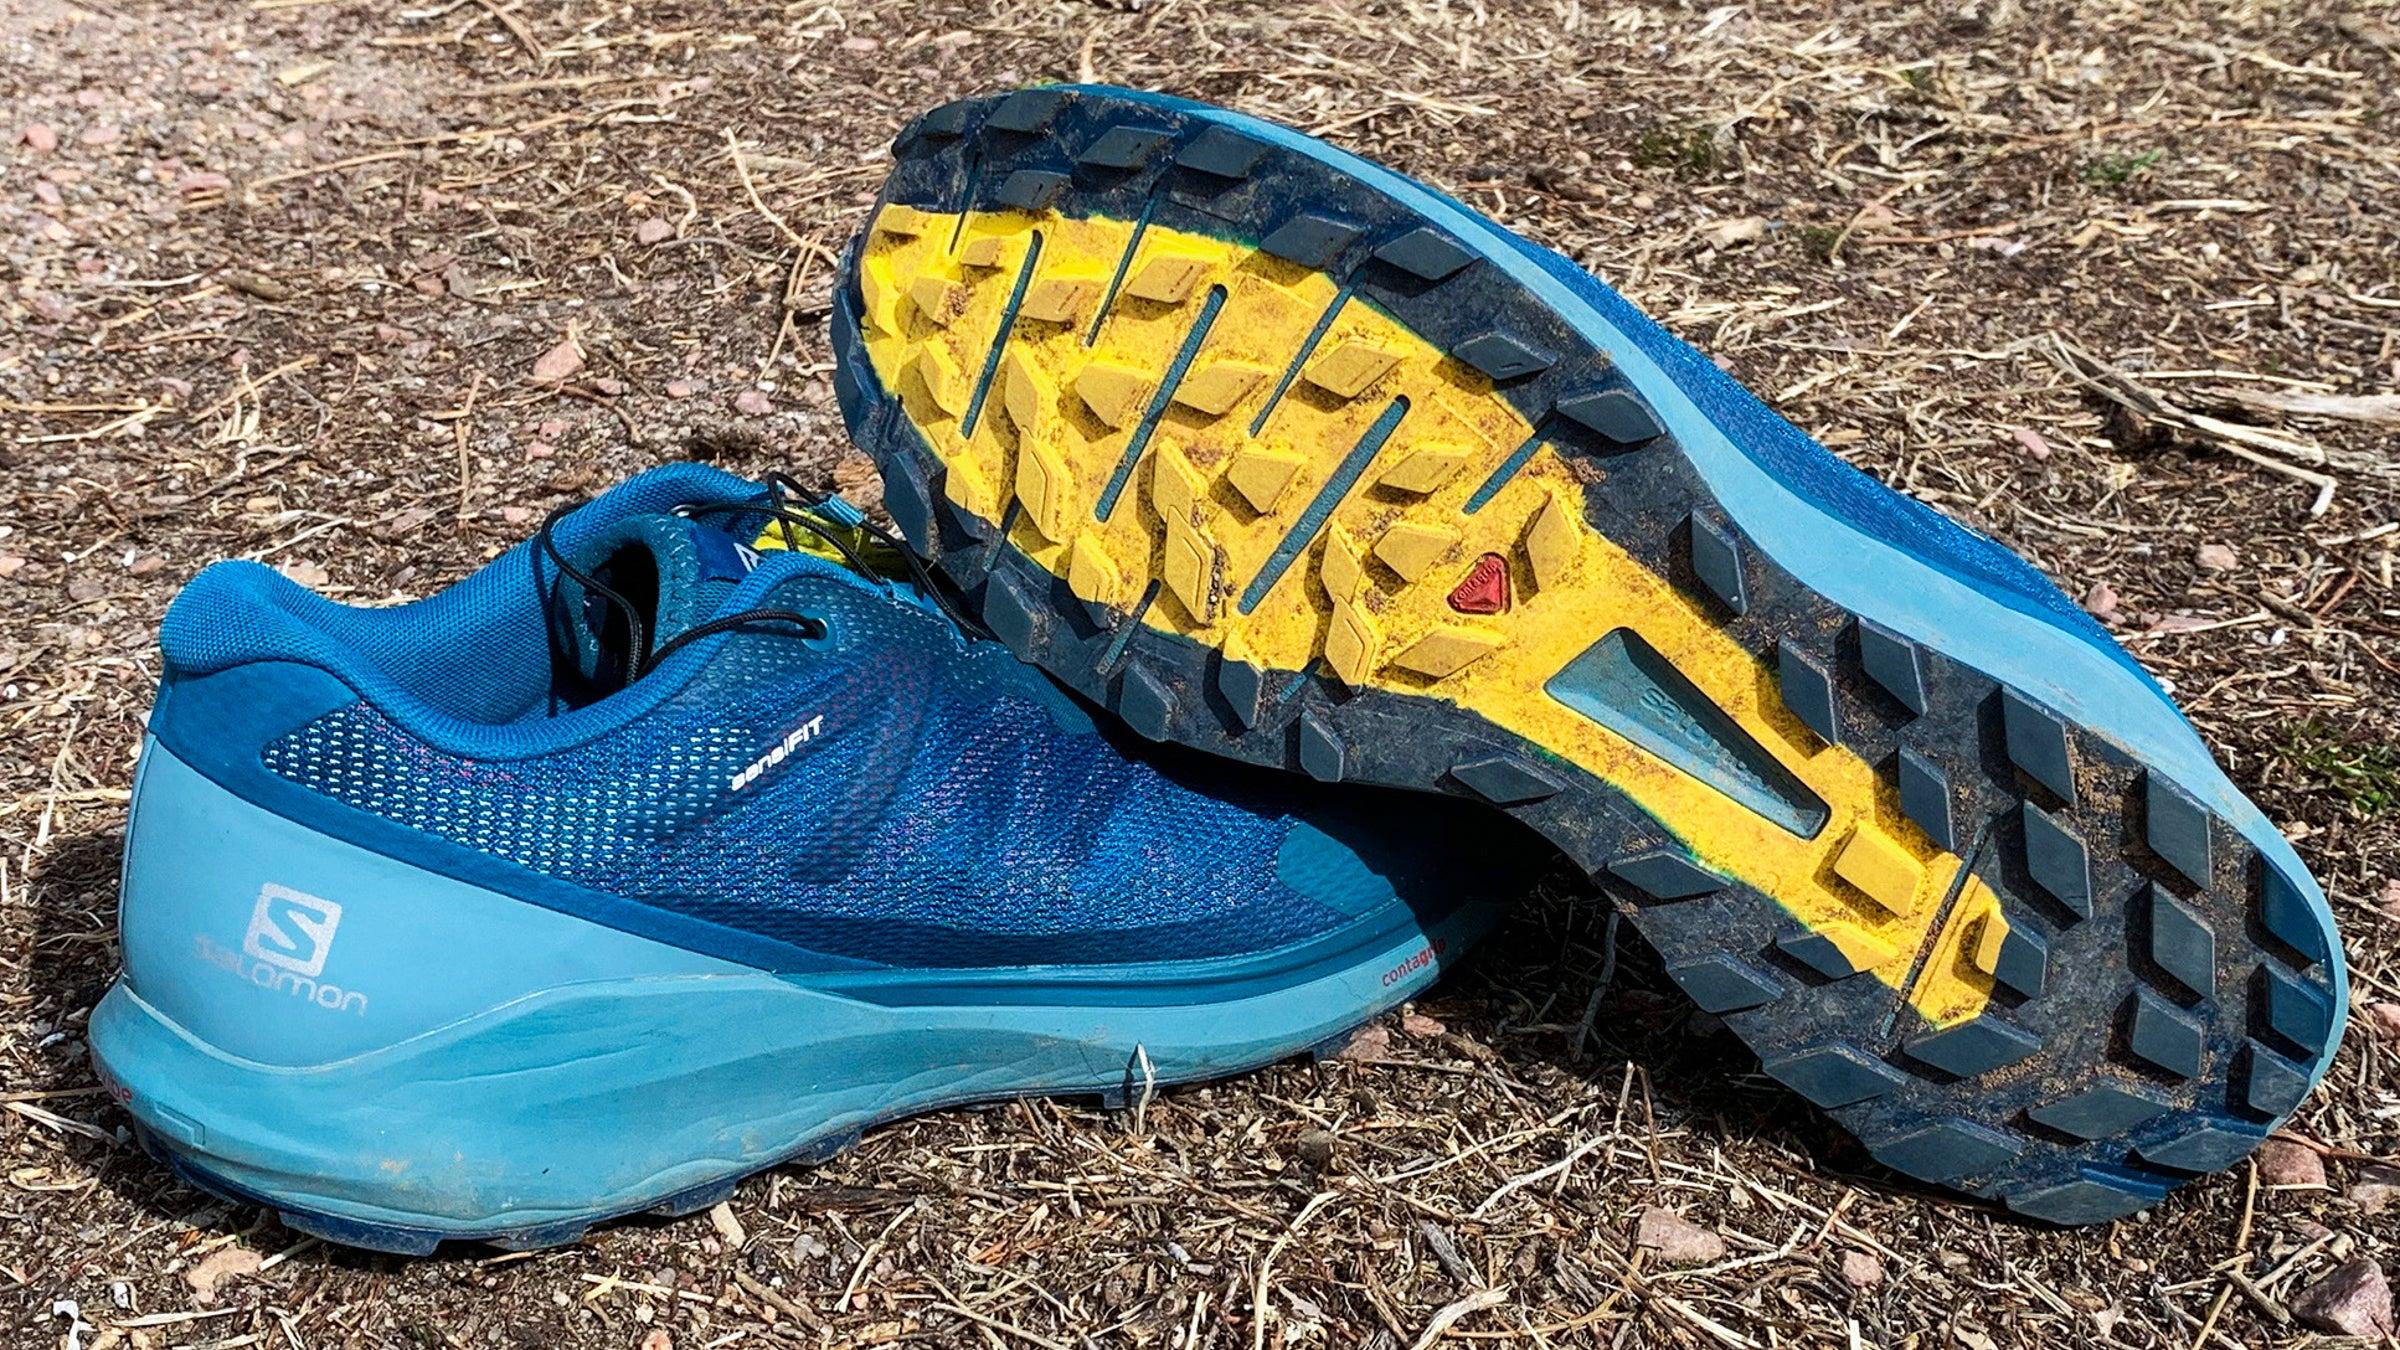 Salomon Sense Ride 3 shoes